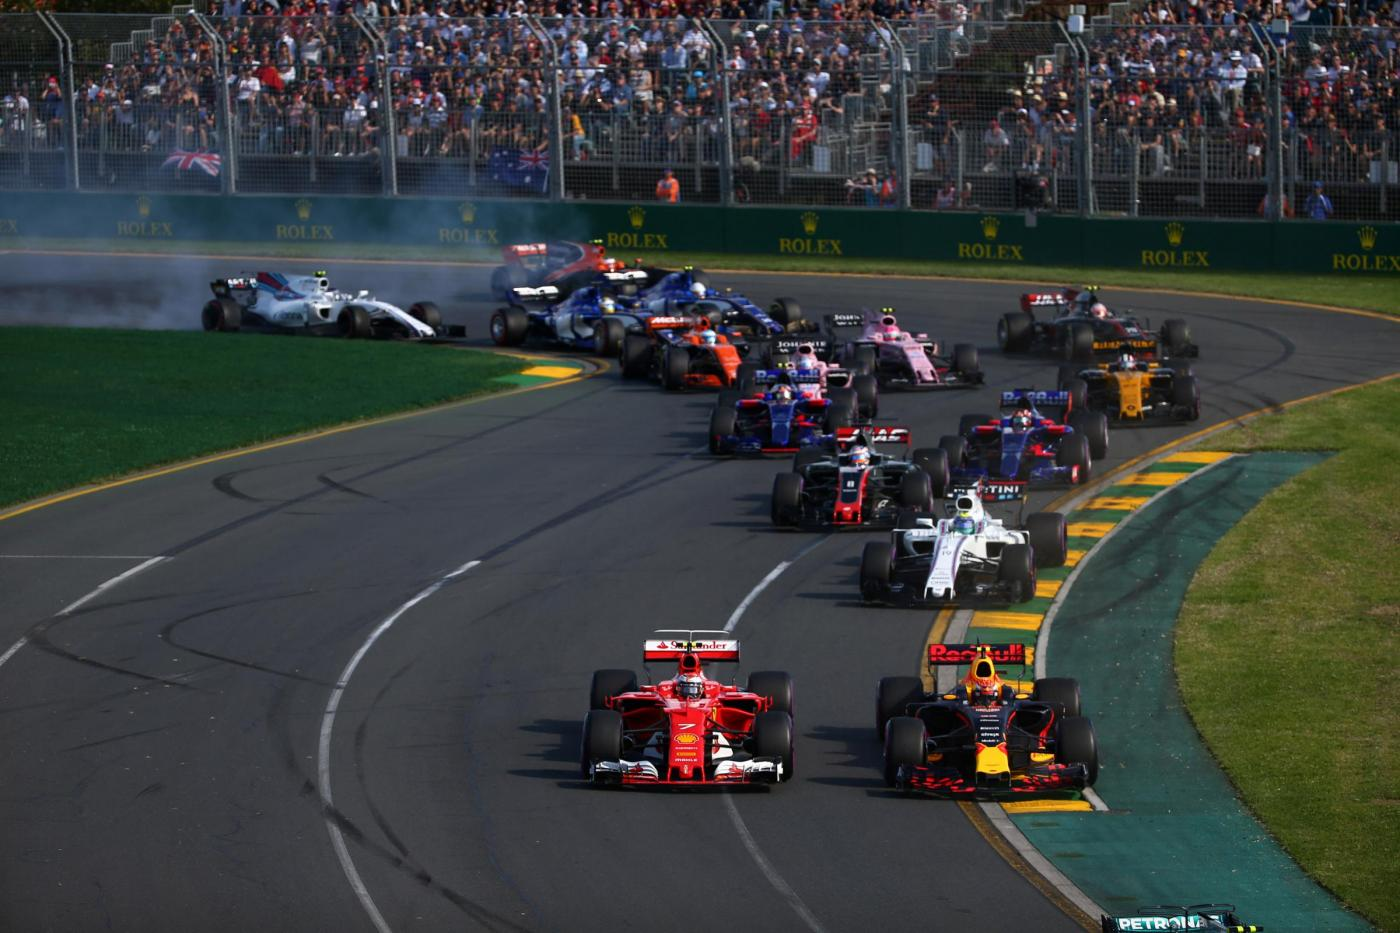 F1 Gp Canada domenica 9 giugno: presentazione del circuito ed orari del settimo appuntamento del Mondiale di Formula 1